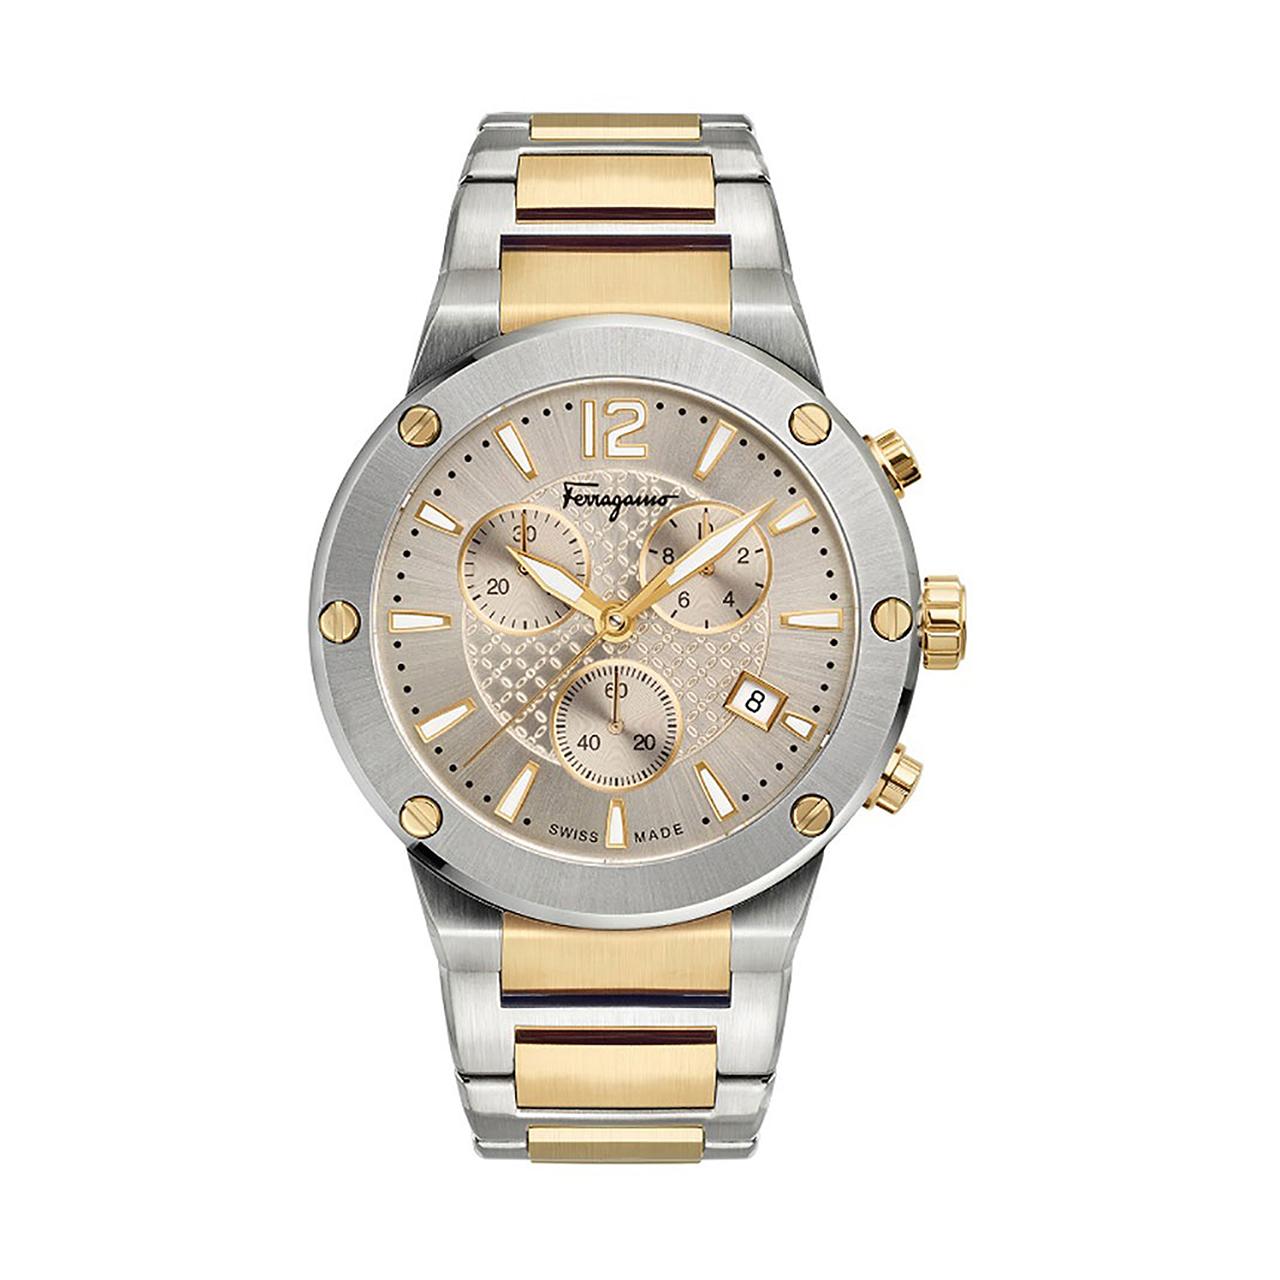 ساعت مچی عقربه ای مردانه سالواتوره فراگامو مدل FIJ040017 54